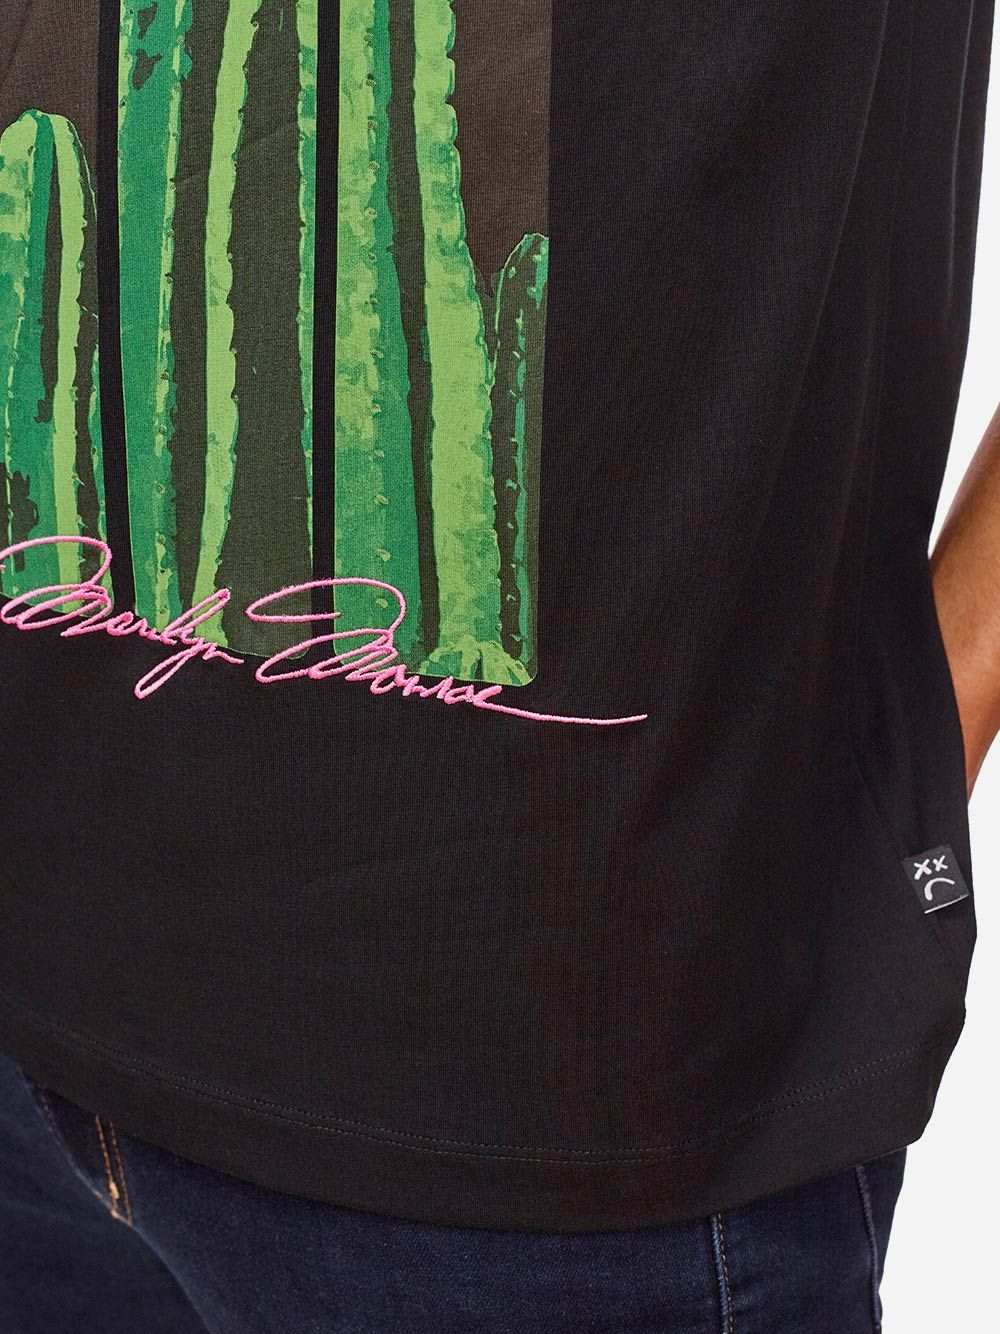 T-Shirt Preta com Estampado | AMBITIOUS